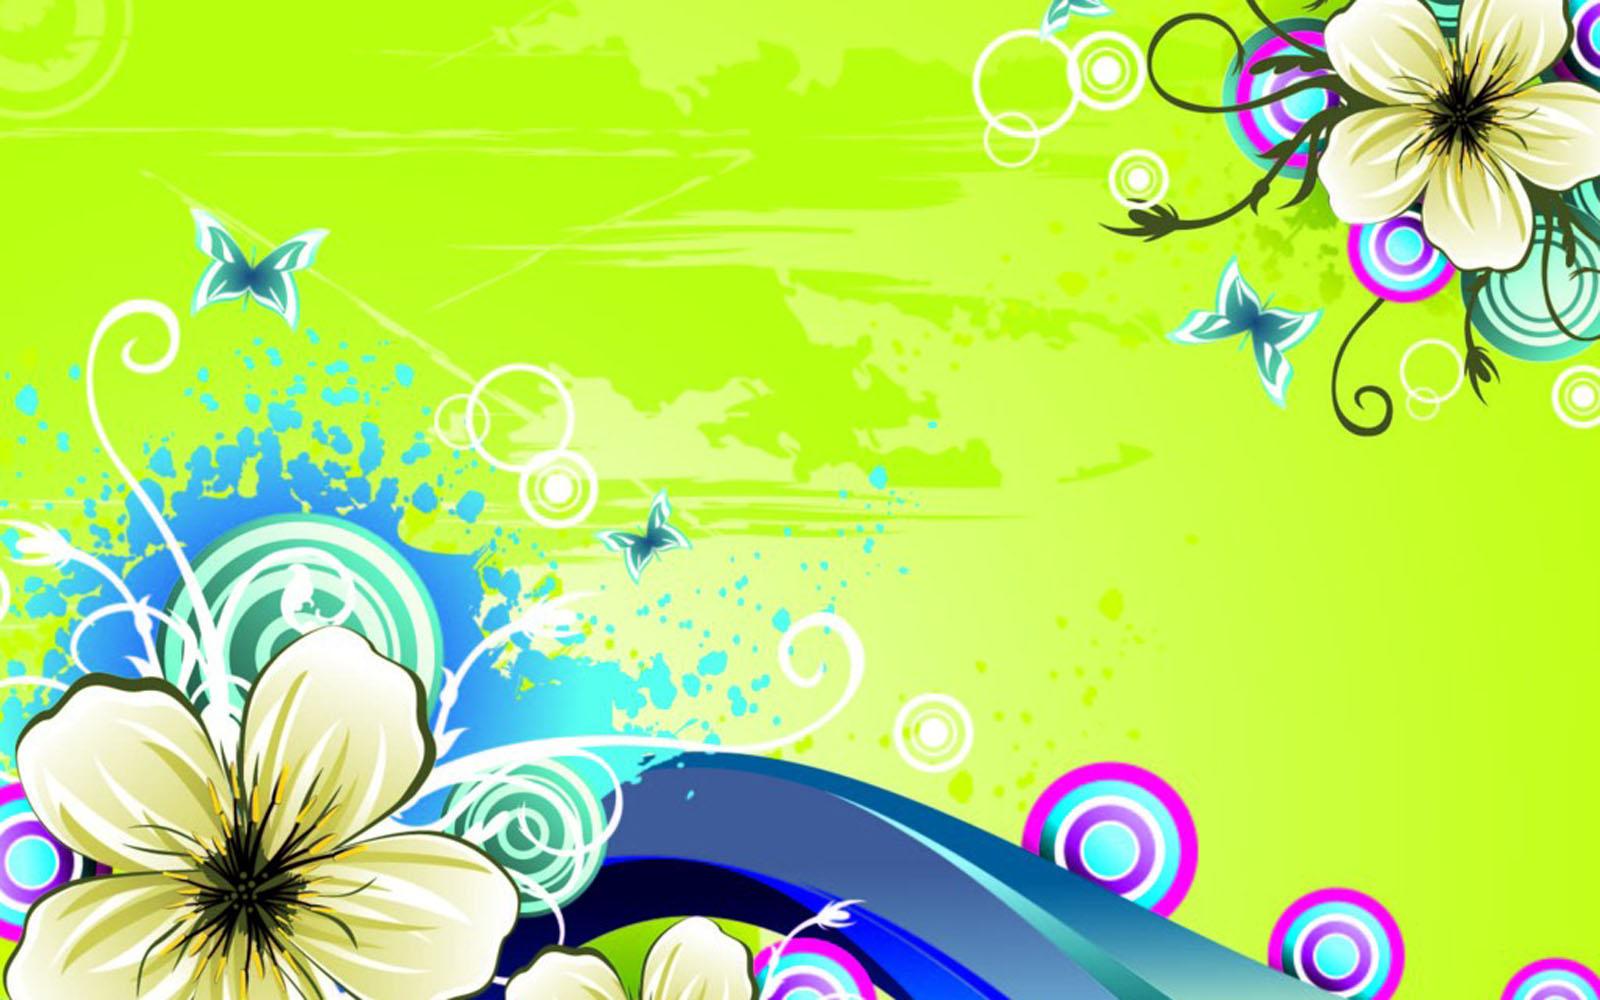 வால்பேப்பர்கள் ( flowers wallpapers ) - Page 3 Vector+Flowers+Wallpapers+3